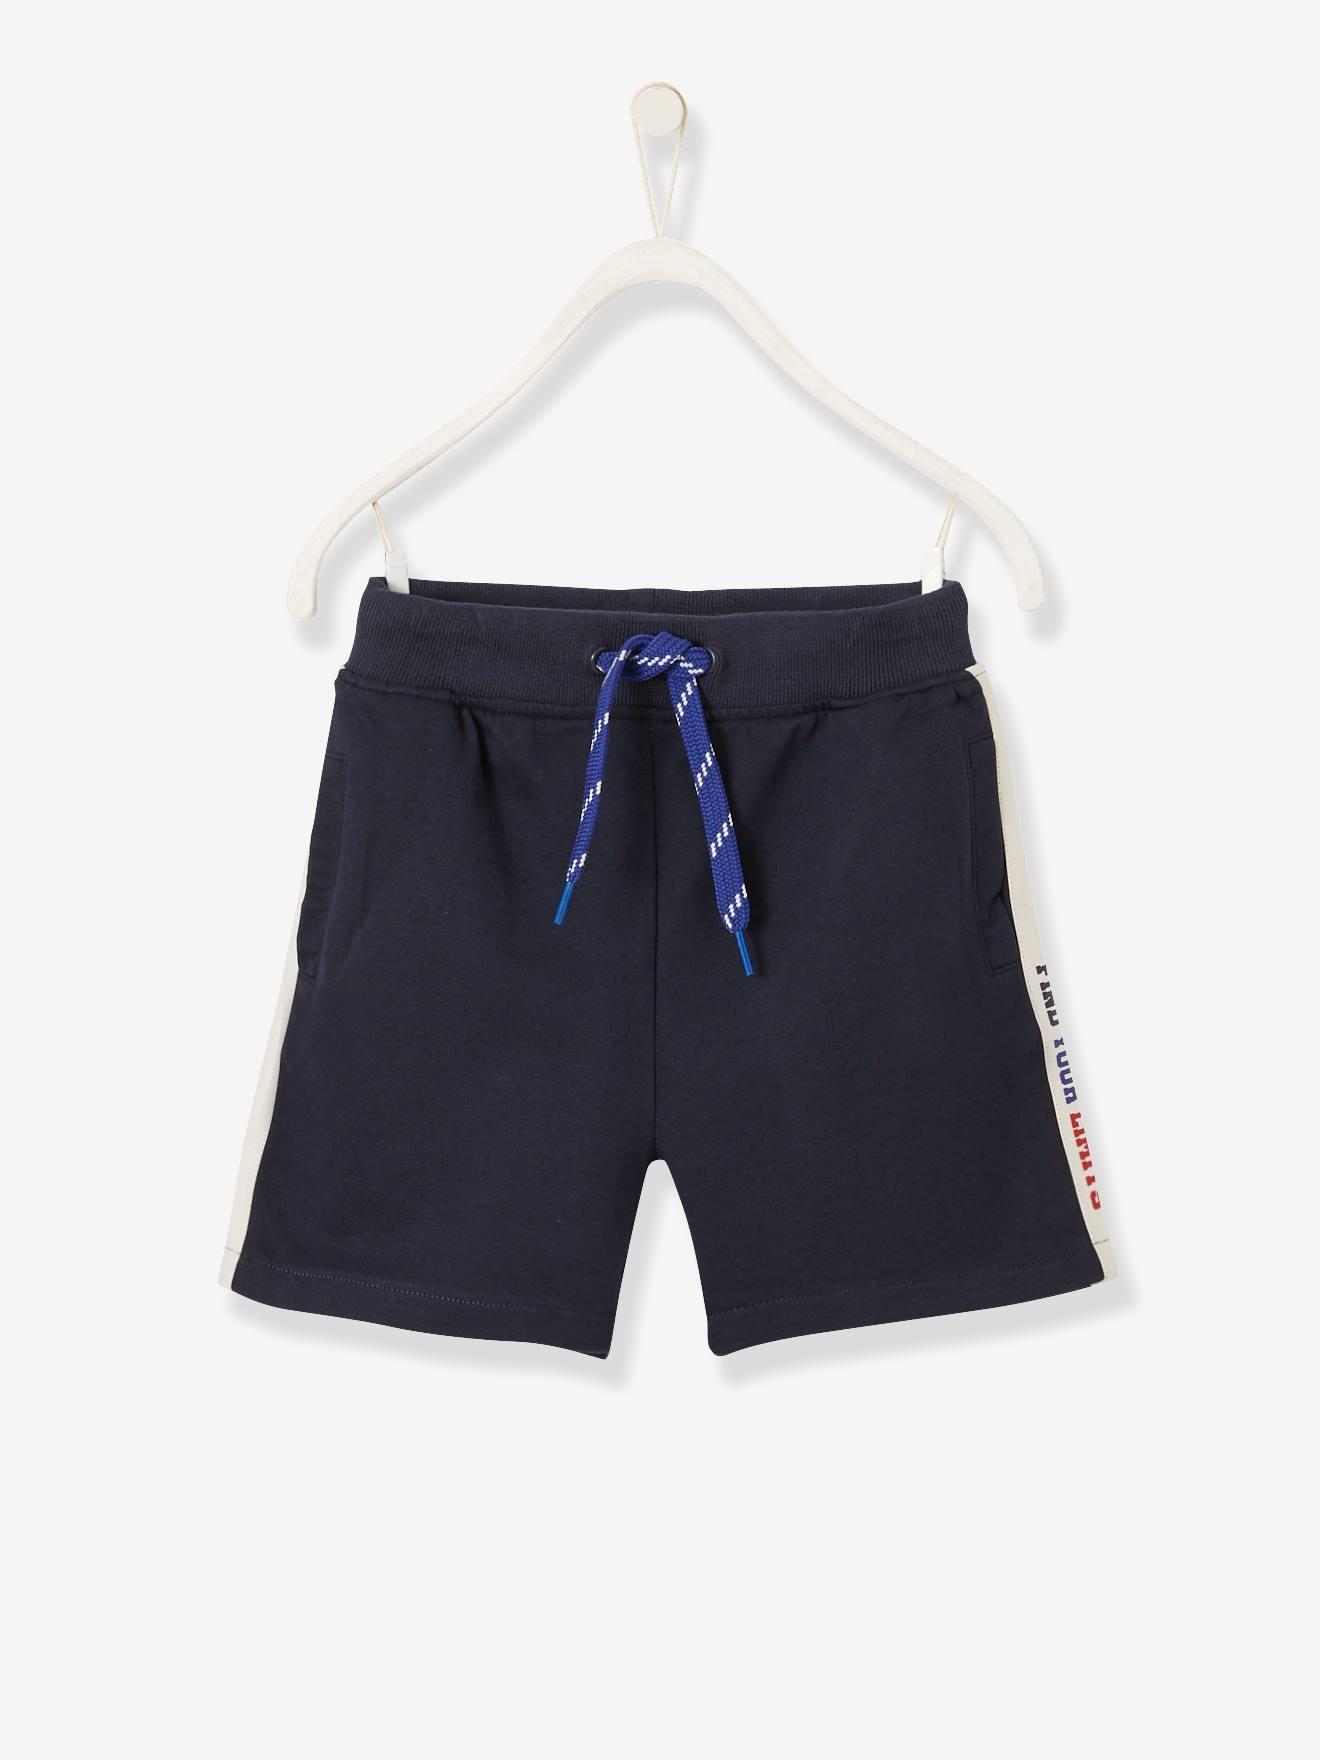 Shortamp; Enfant De Pour Garçons Pantacourts Garçon Bermuda Magasin GSUzVqMp